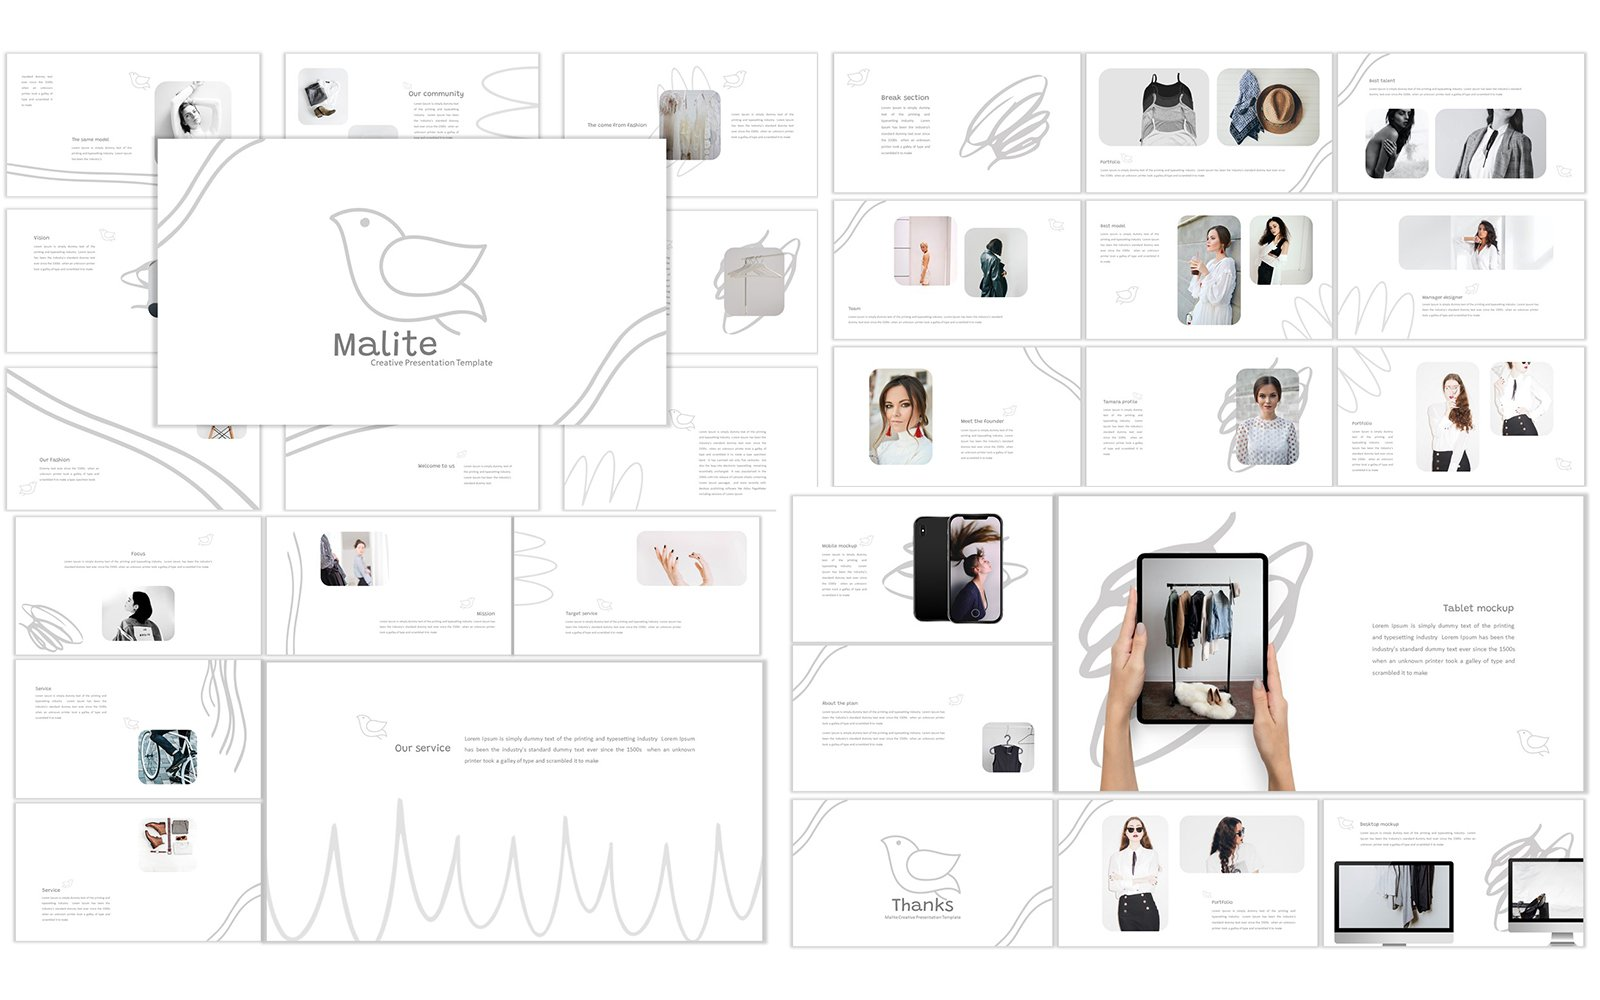 Responsivt Malite Google Slides #120126